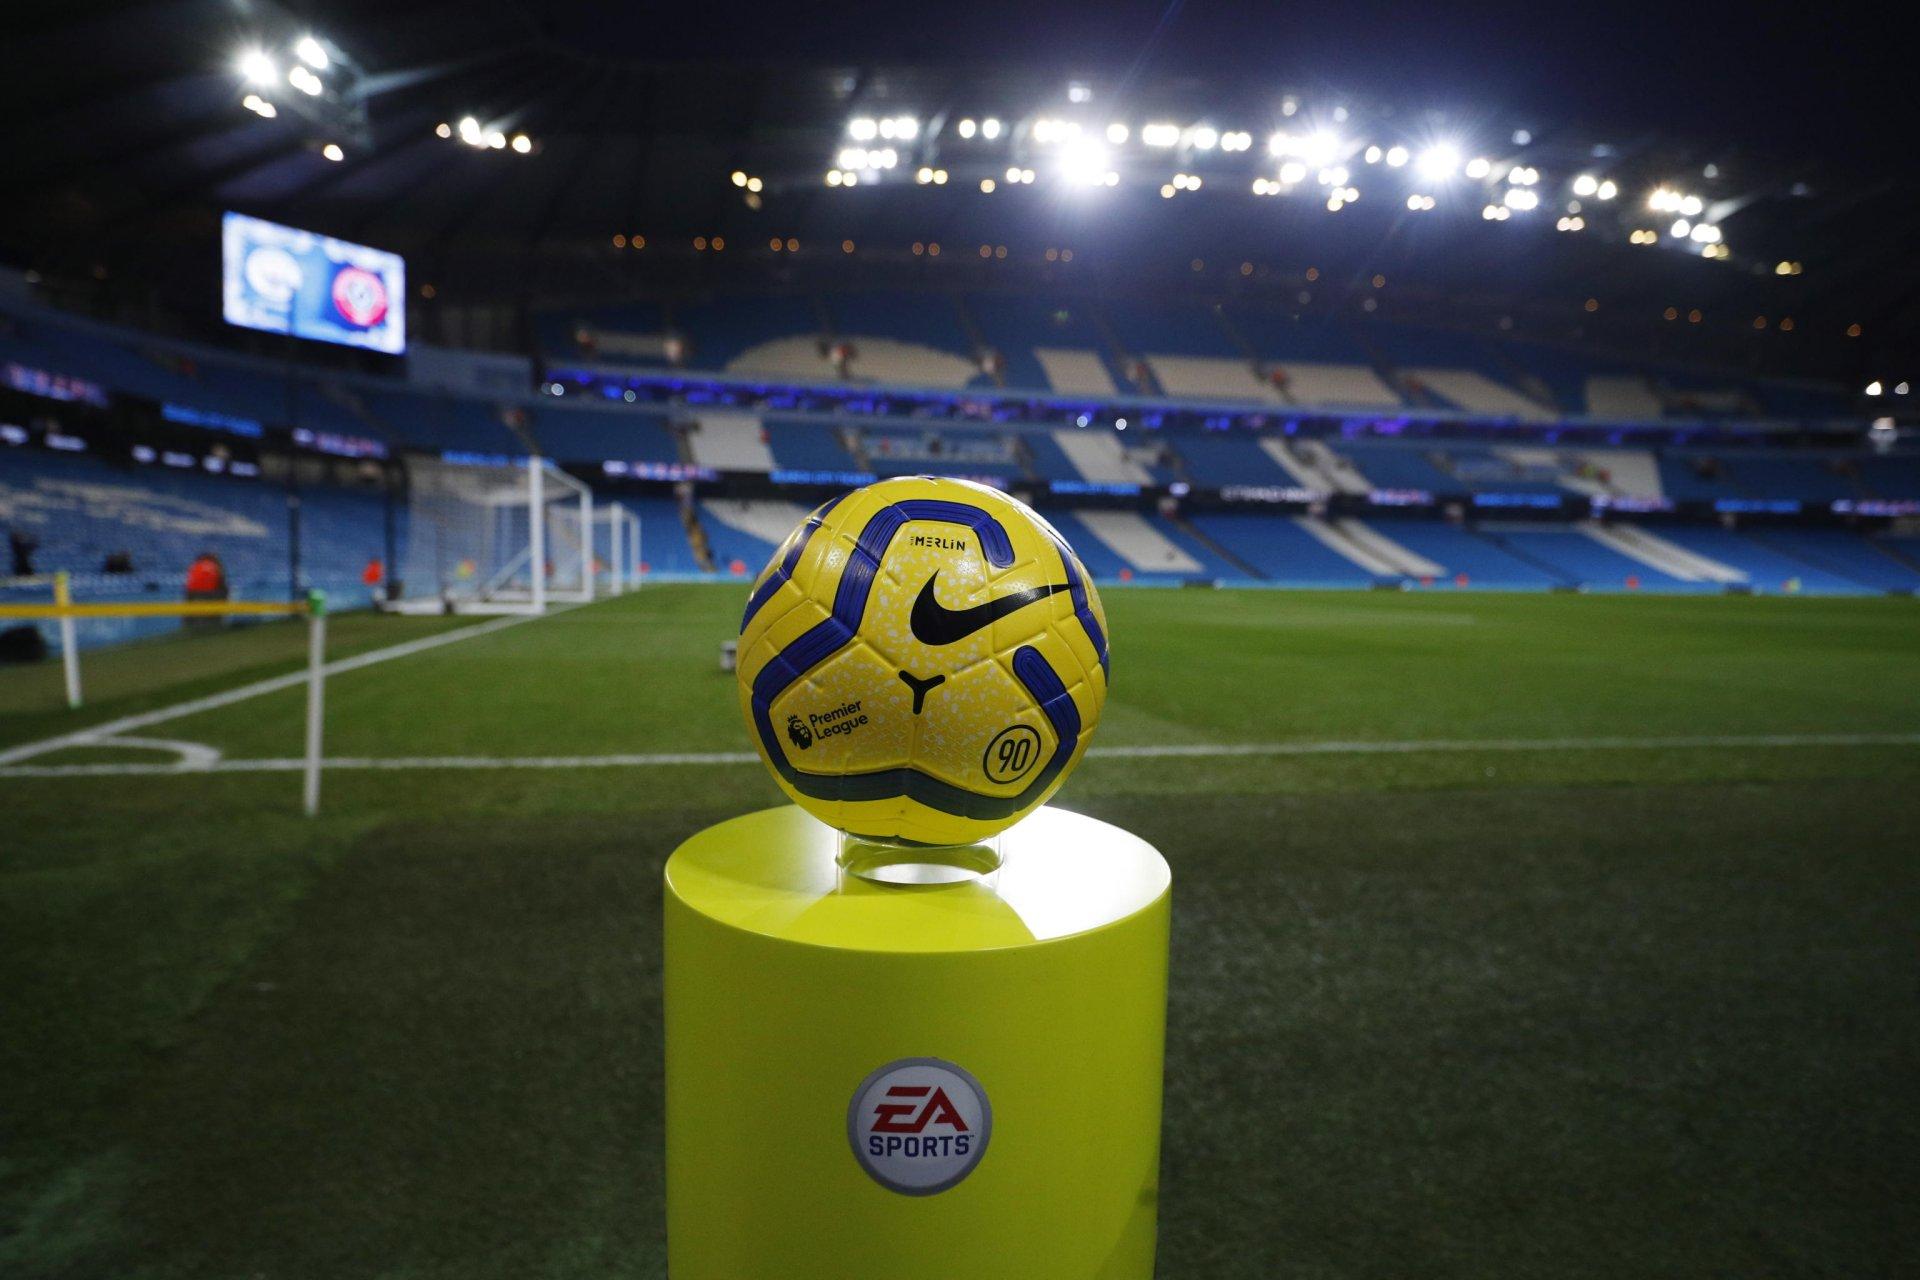 Calcio Estero Sky Sport - Programma e Telecronisti 1 e 2 Gennaio